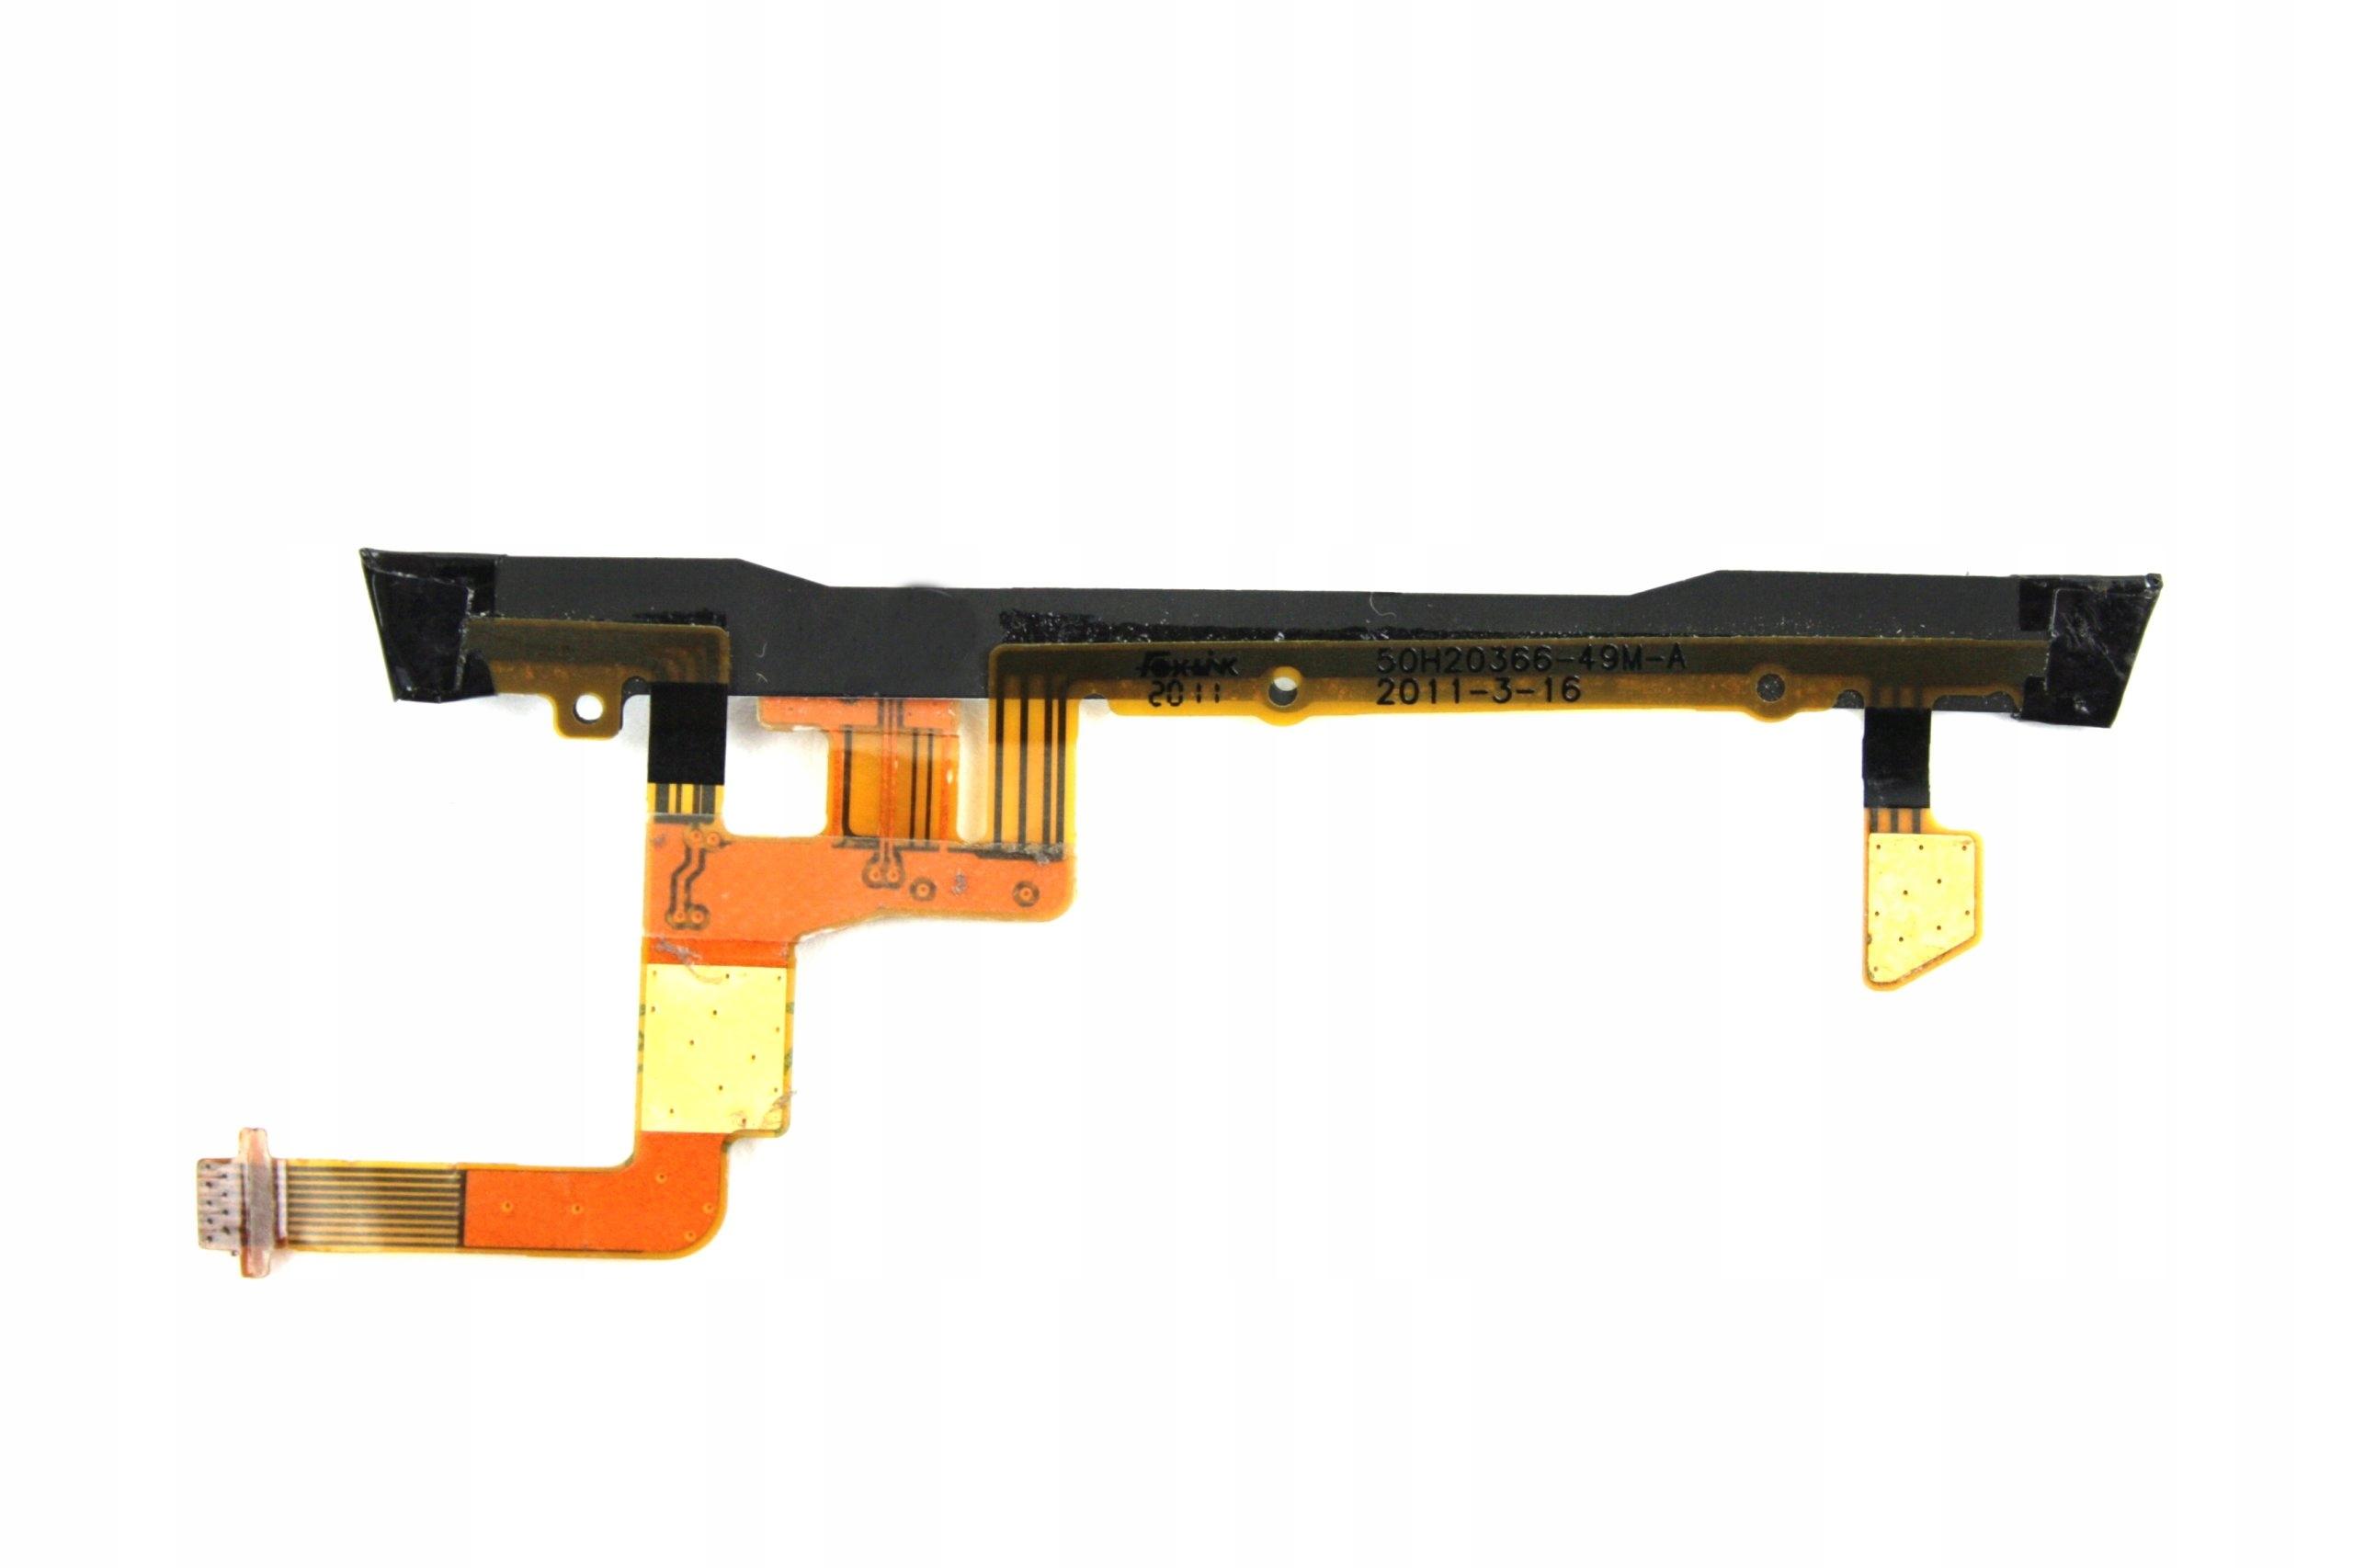 TAŚMA KLAWIATURY HTC SENSATION Z710e G14 MIKROFON